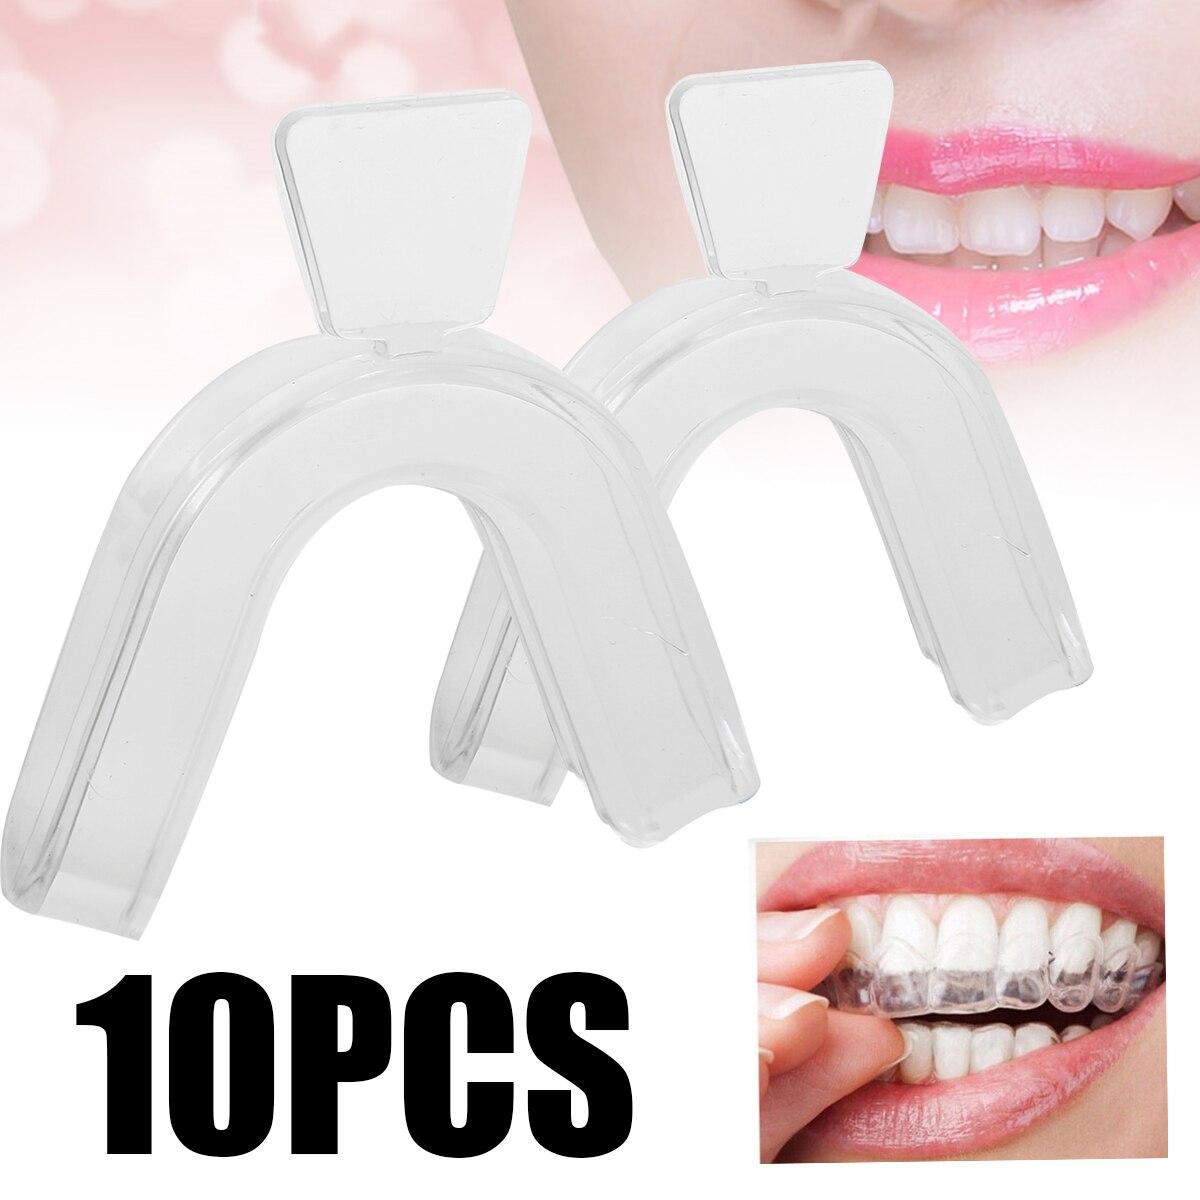 10 шт. силиконовые отбеливающие лотки для зубов, зубная каппа, белые зубные лотки для рта, забота о гигиене полости рта